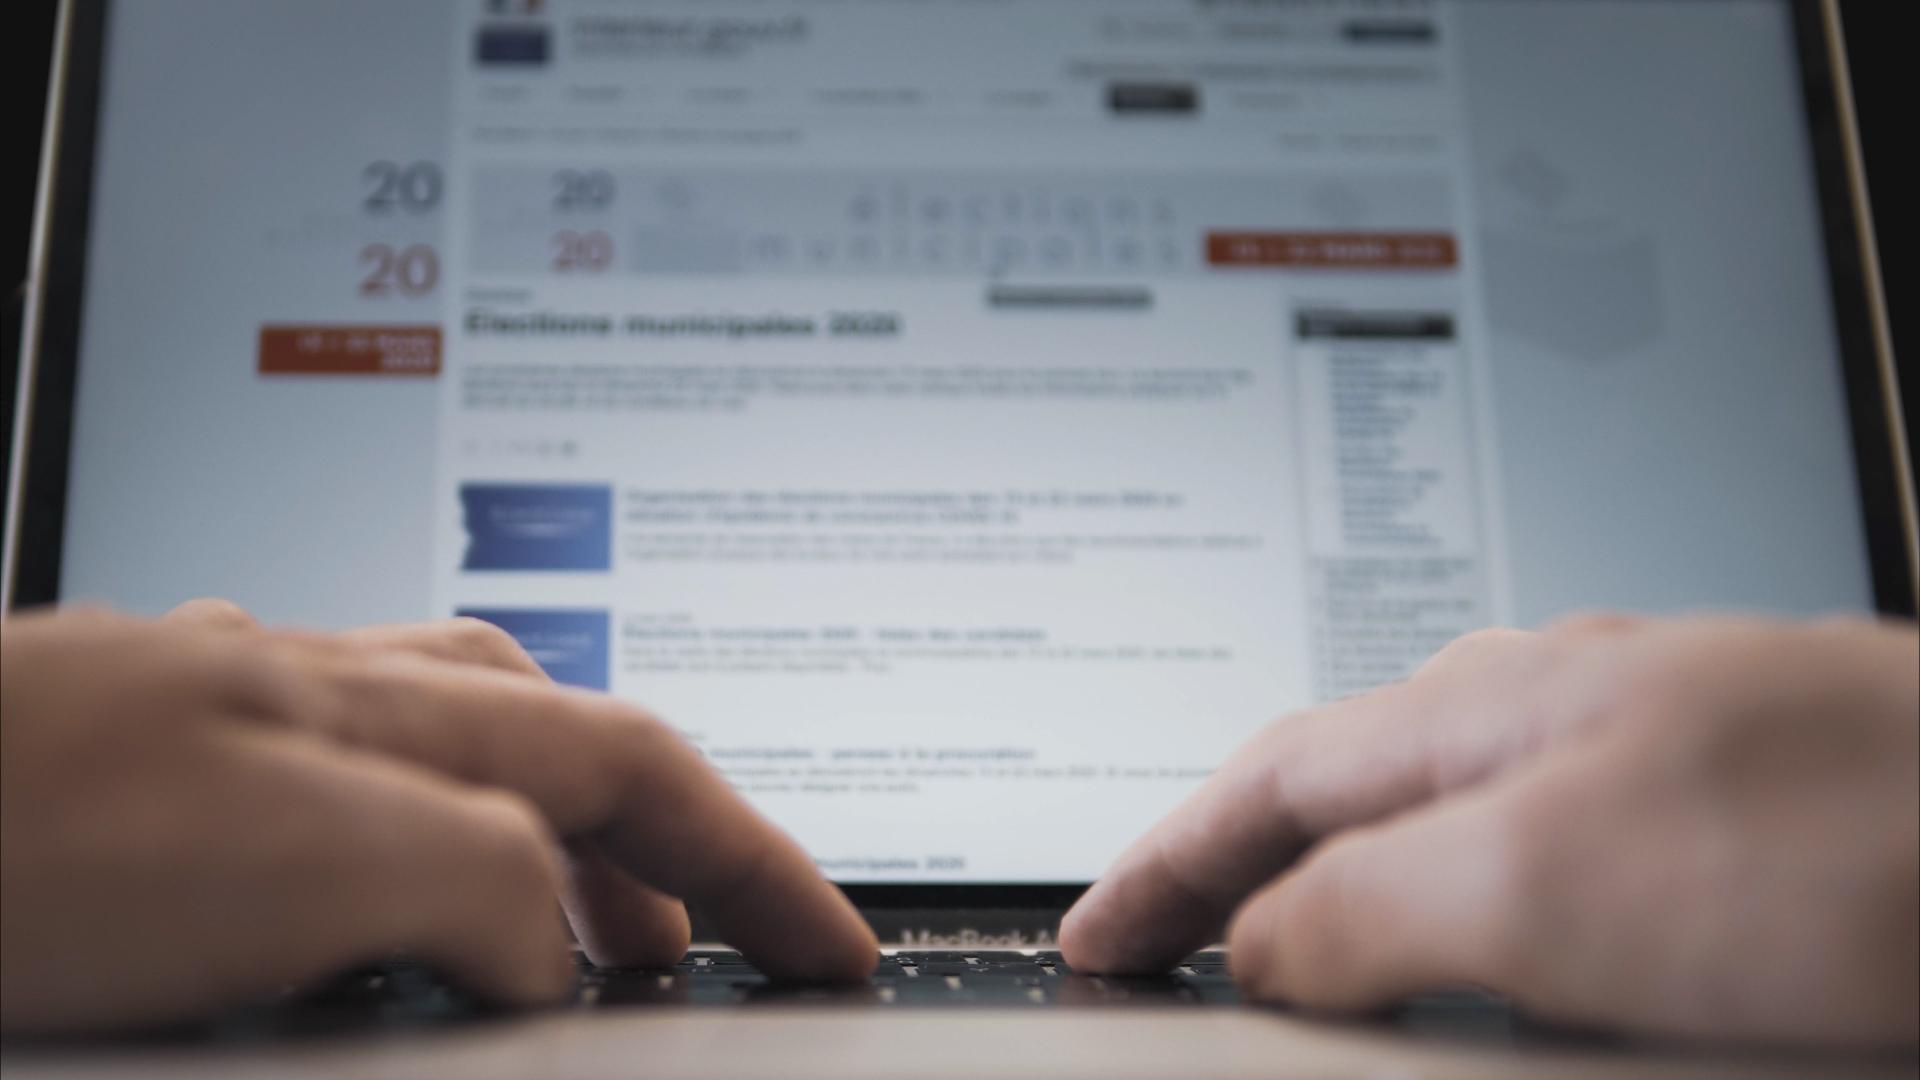 Élections municipales 2020: que se passerait-il en cas de cyberattaque massive?